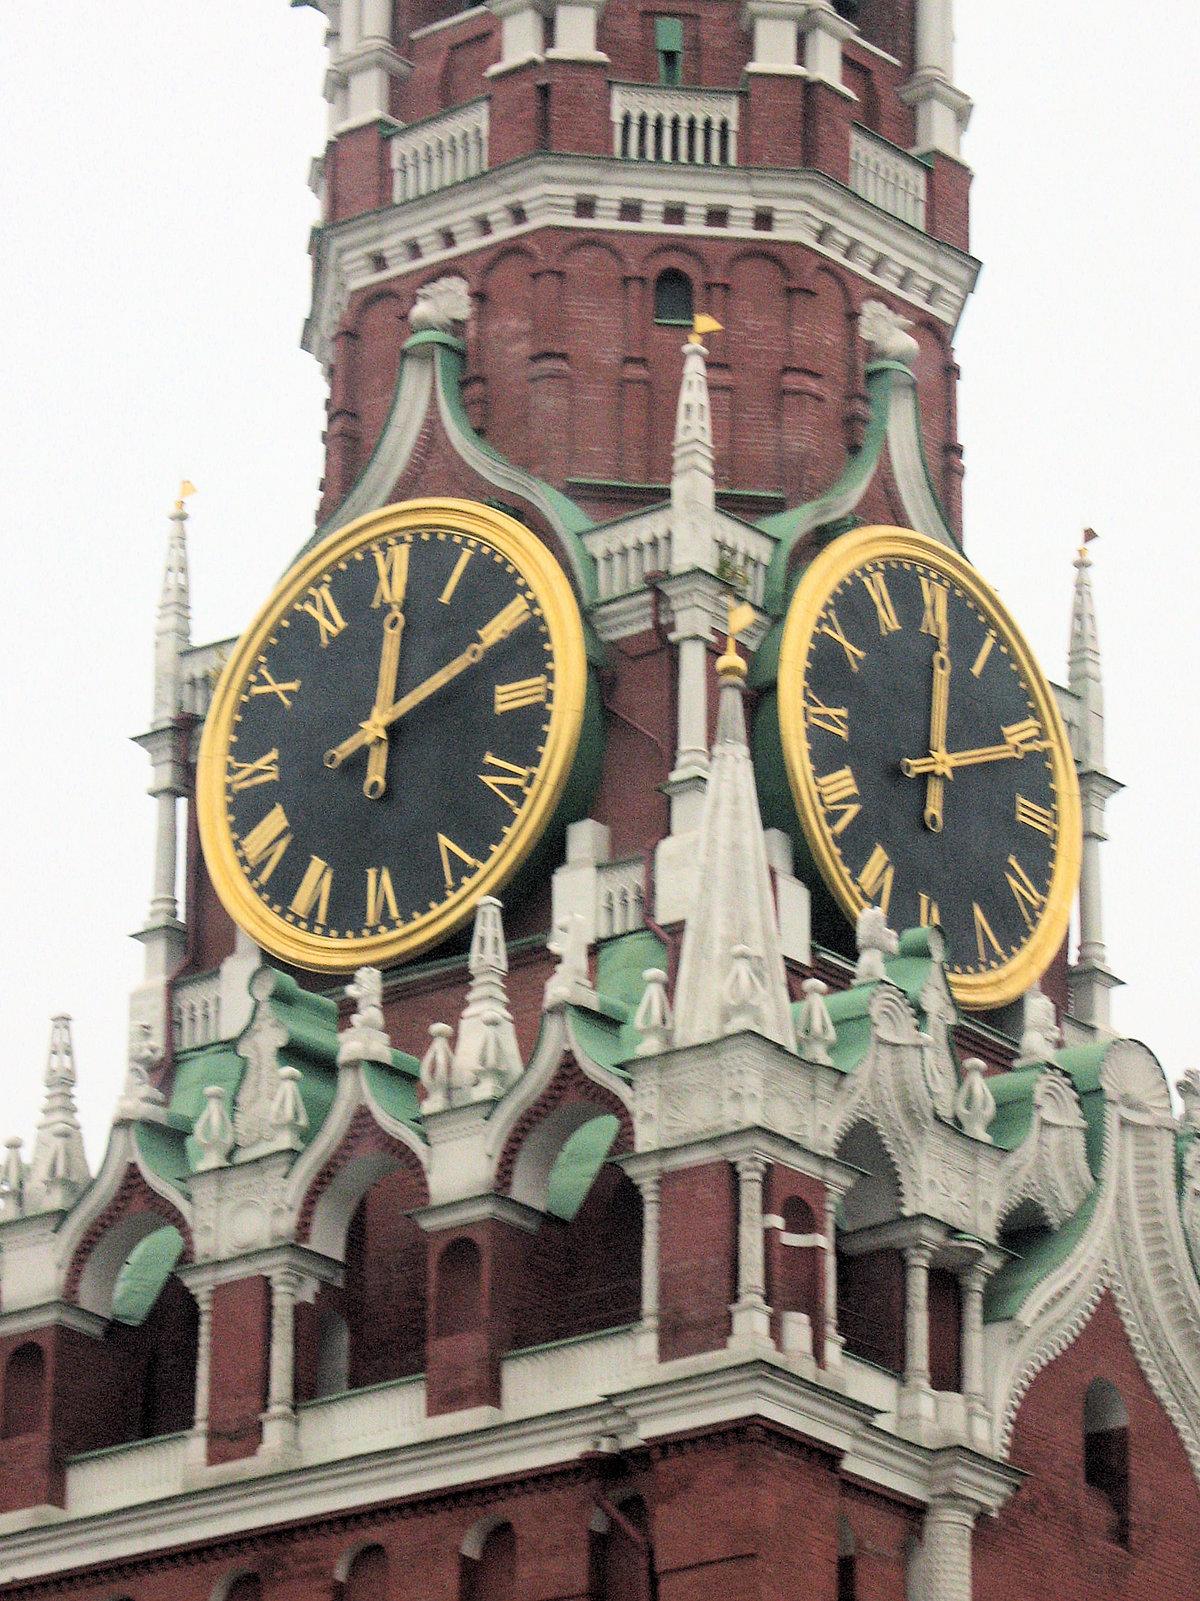 В кремле, в шатровом верхе спасской, ранее фроловской башни, выстроенном русским мастером баженом огурцовым, установлены главные часы российского государства, знаменитые кремлевские куранты.